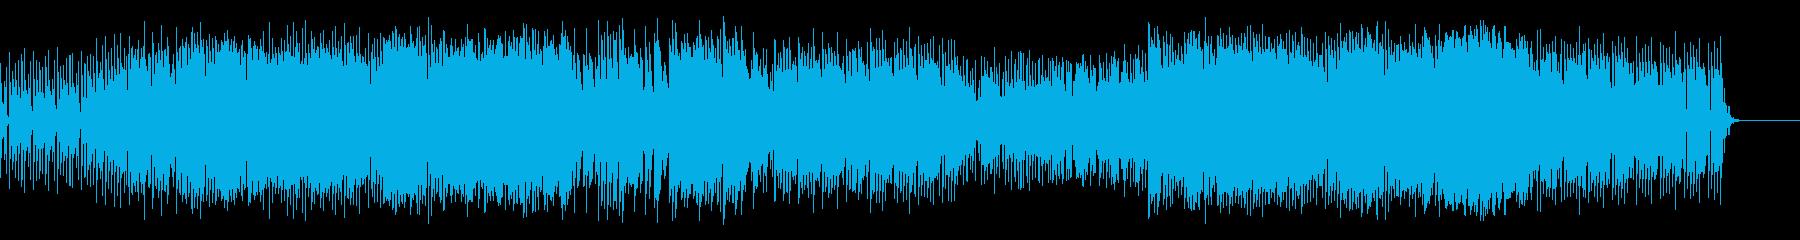 小さな子どもイメージの明るいポップ曲の再生済みの波形